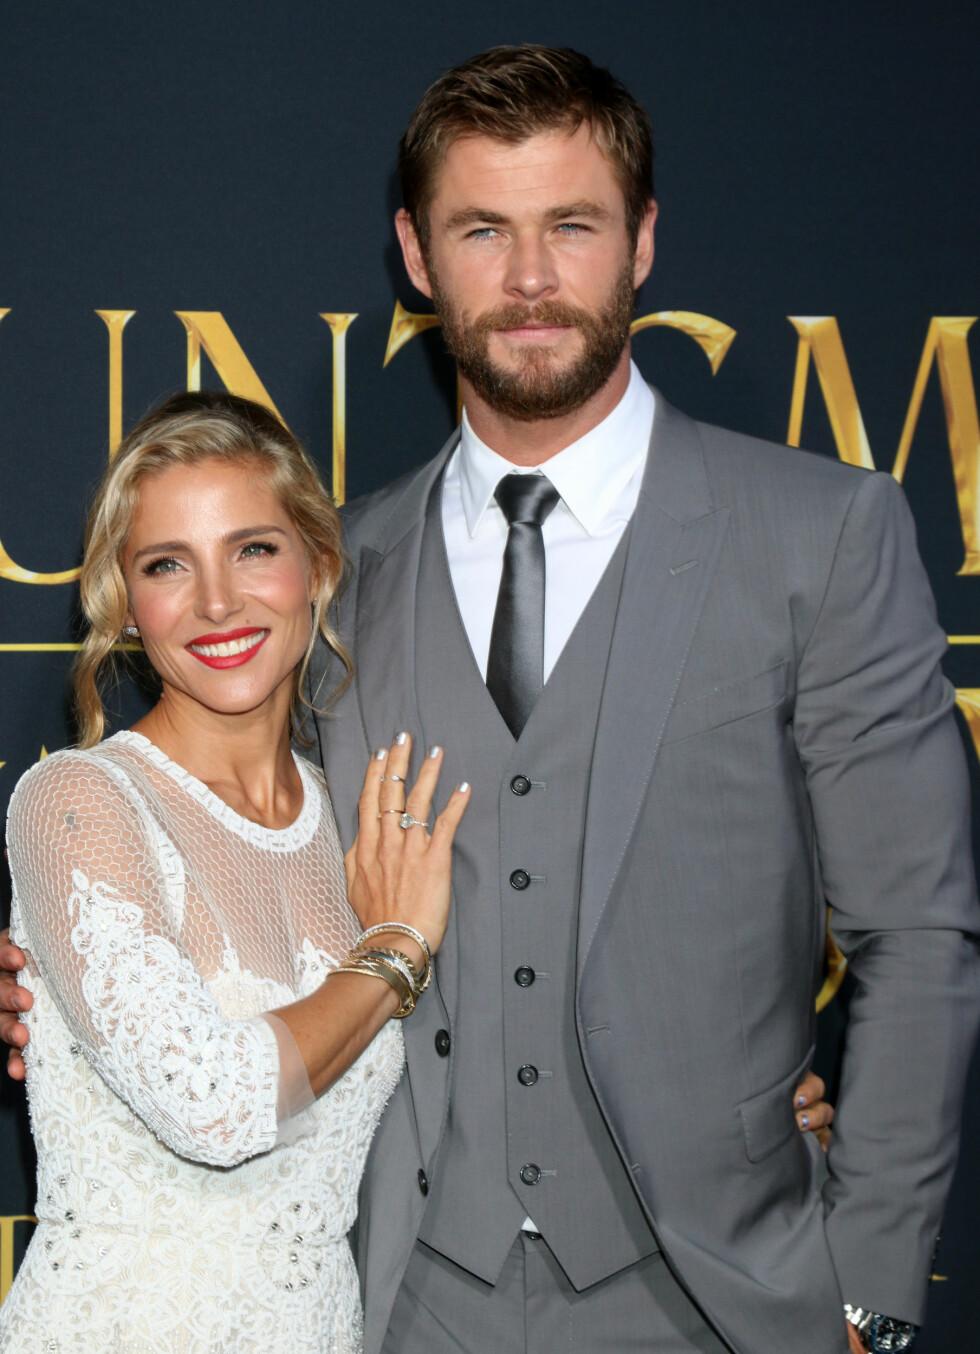 STJERNEPAR: Liams bror Chris Hemsworth er gift med Elsa Pataky. Her er de to på «The Huntsman: Winter´s War»-premieren i Los Angeles 11. april.  Foto: wenn.com